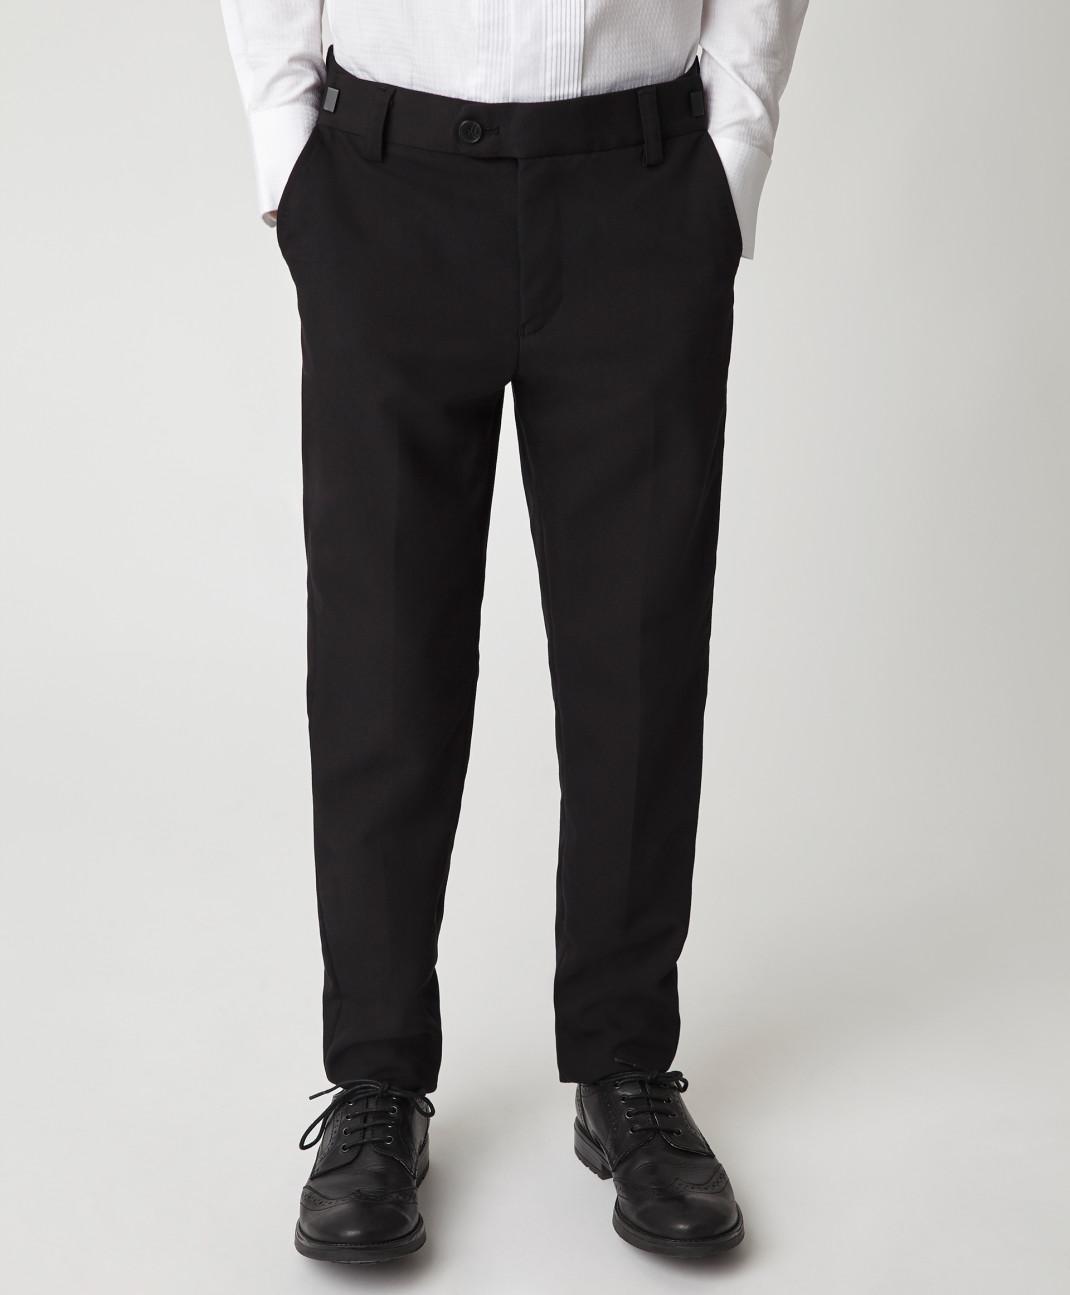 Gulliver Черные узкие брюки Gulliver